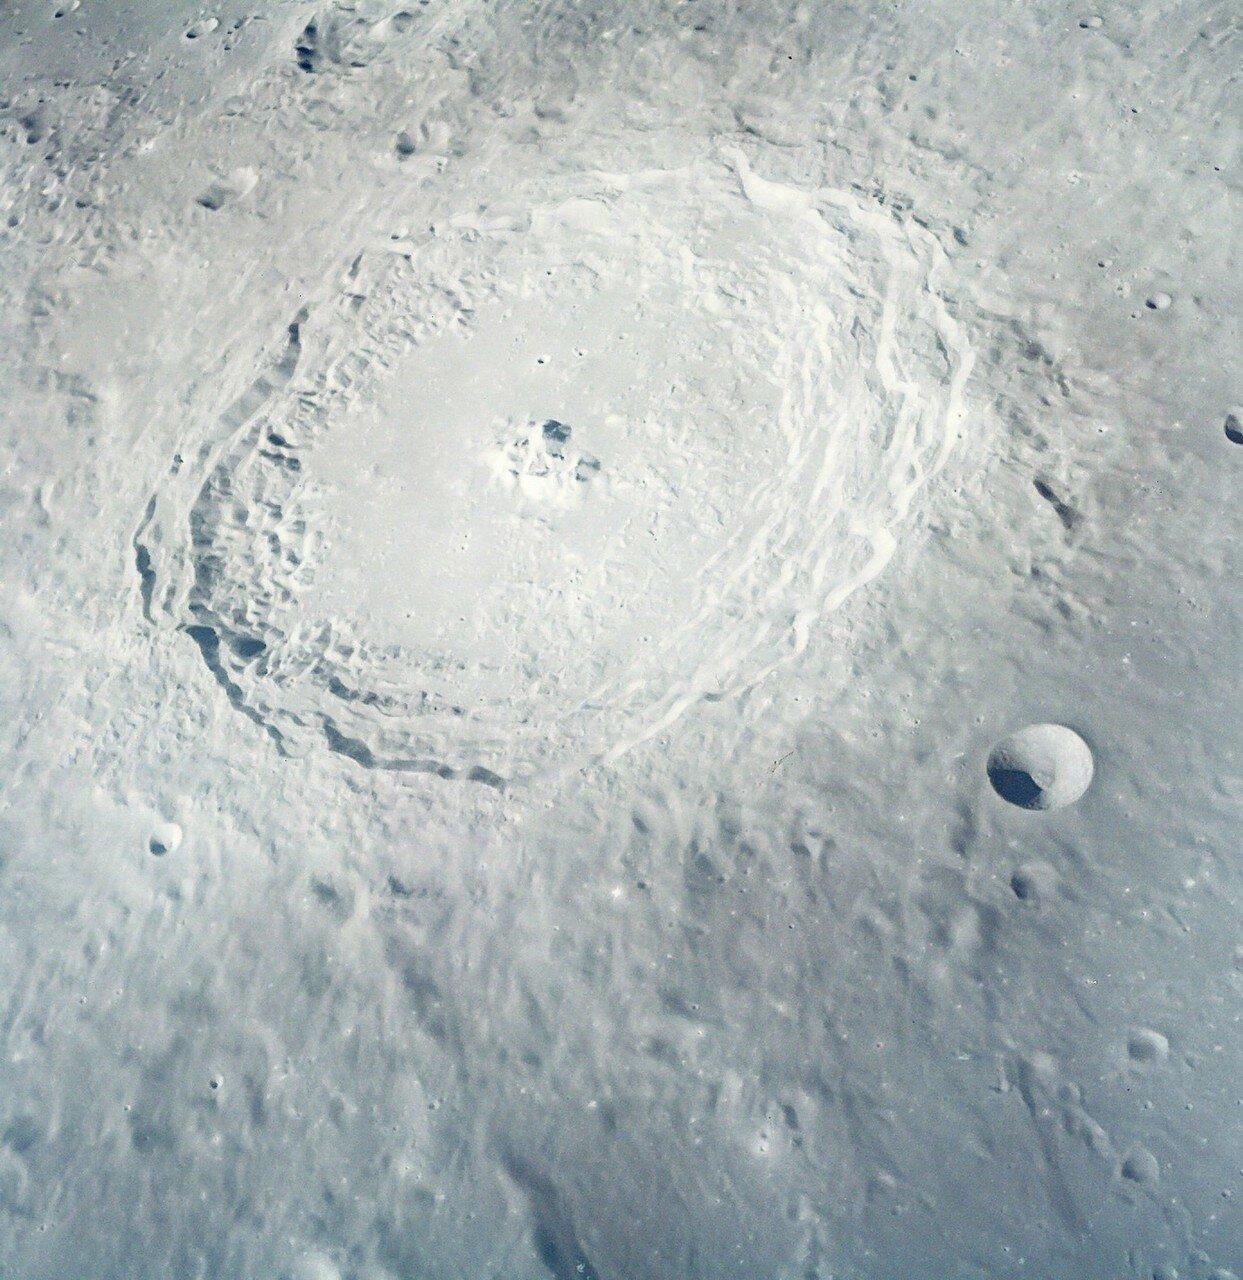 1968 декабрь. Кратер Лангрен впервые увиденный глазами человека  «Аполлон-8»